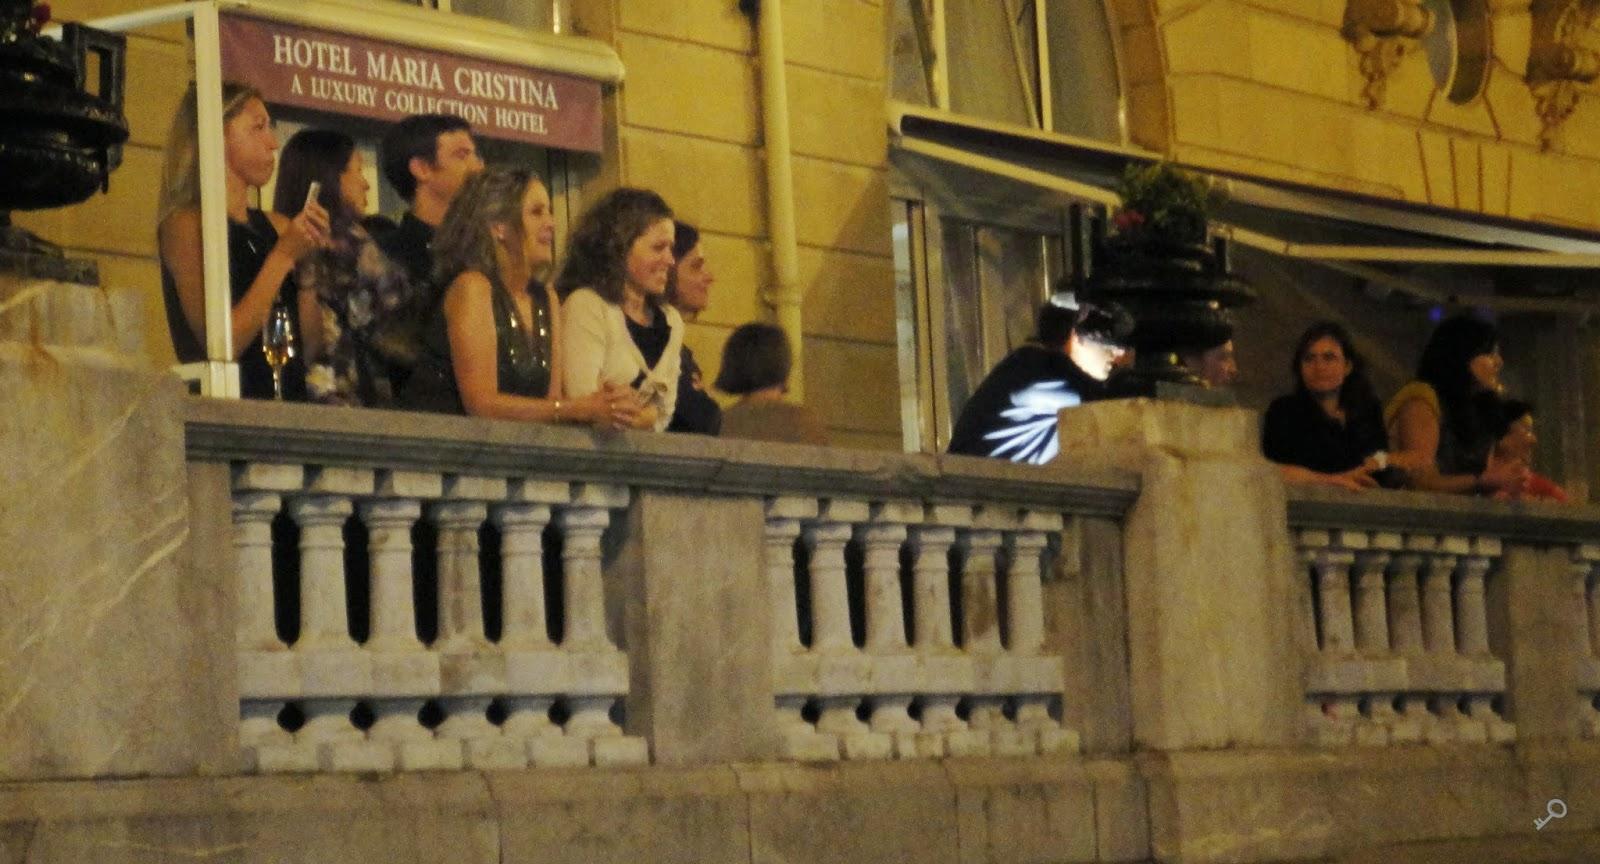 Balcones del hotel María Cristina, esperando a Orlando Bloom